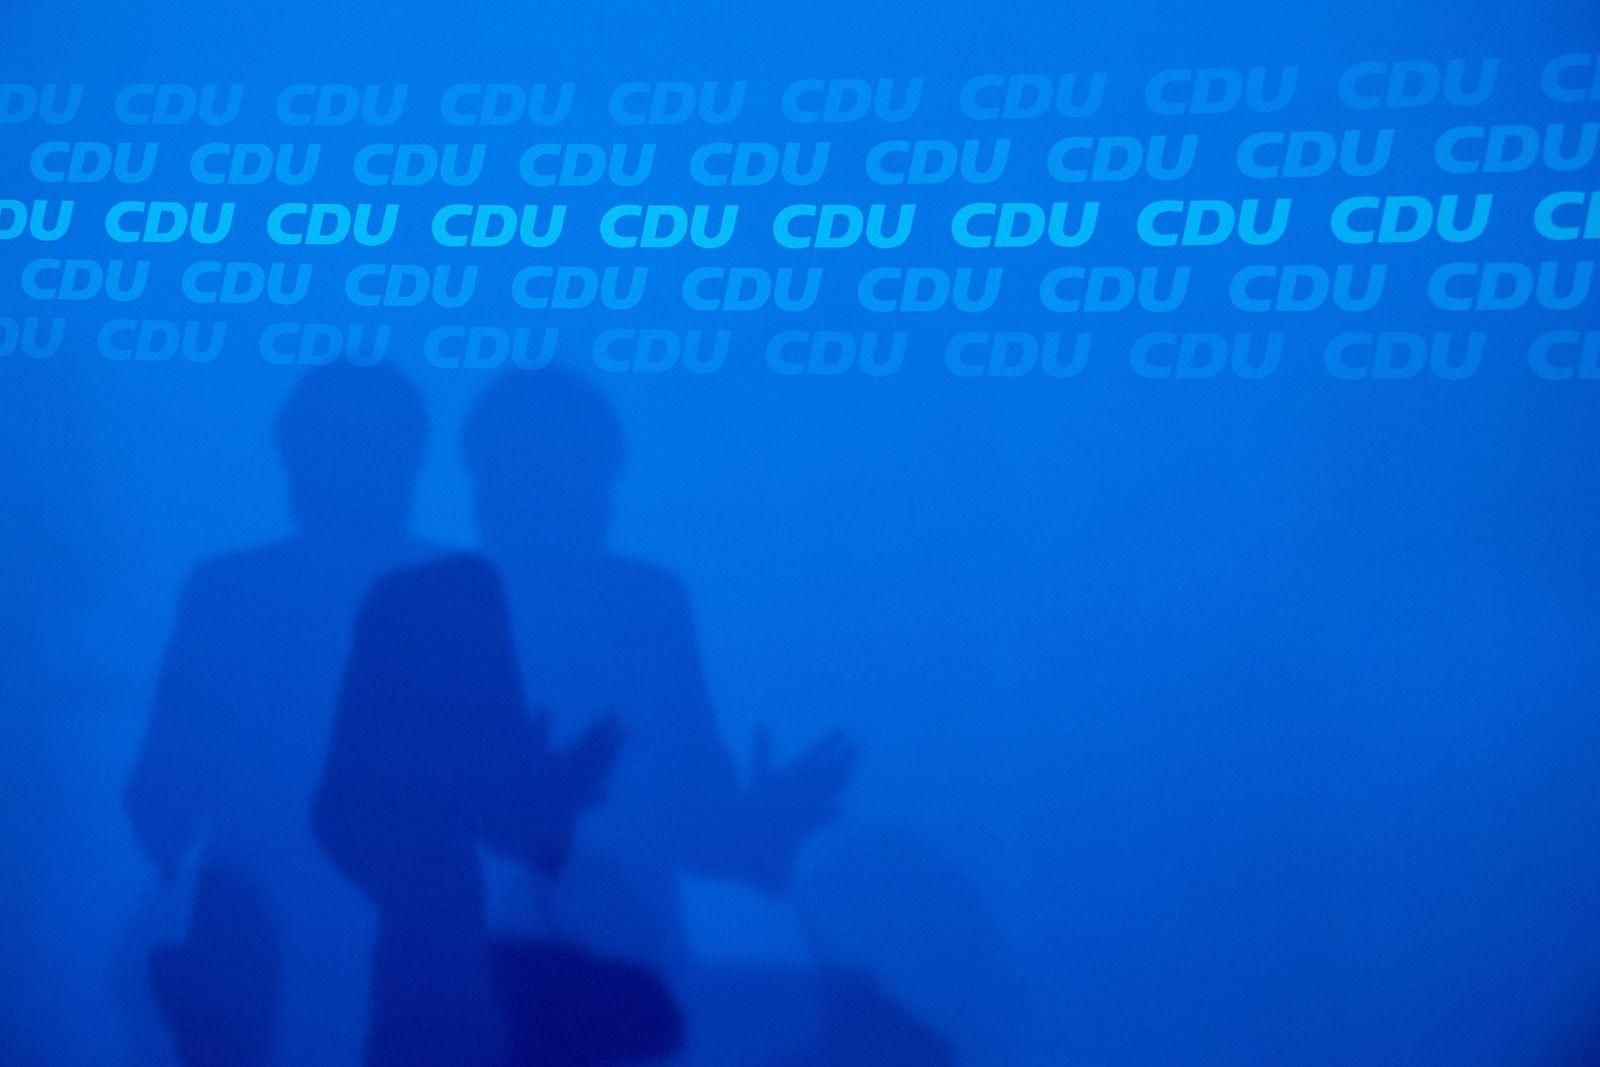 CDU/ Logo/ Wand